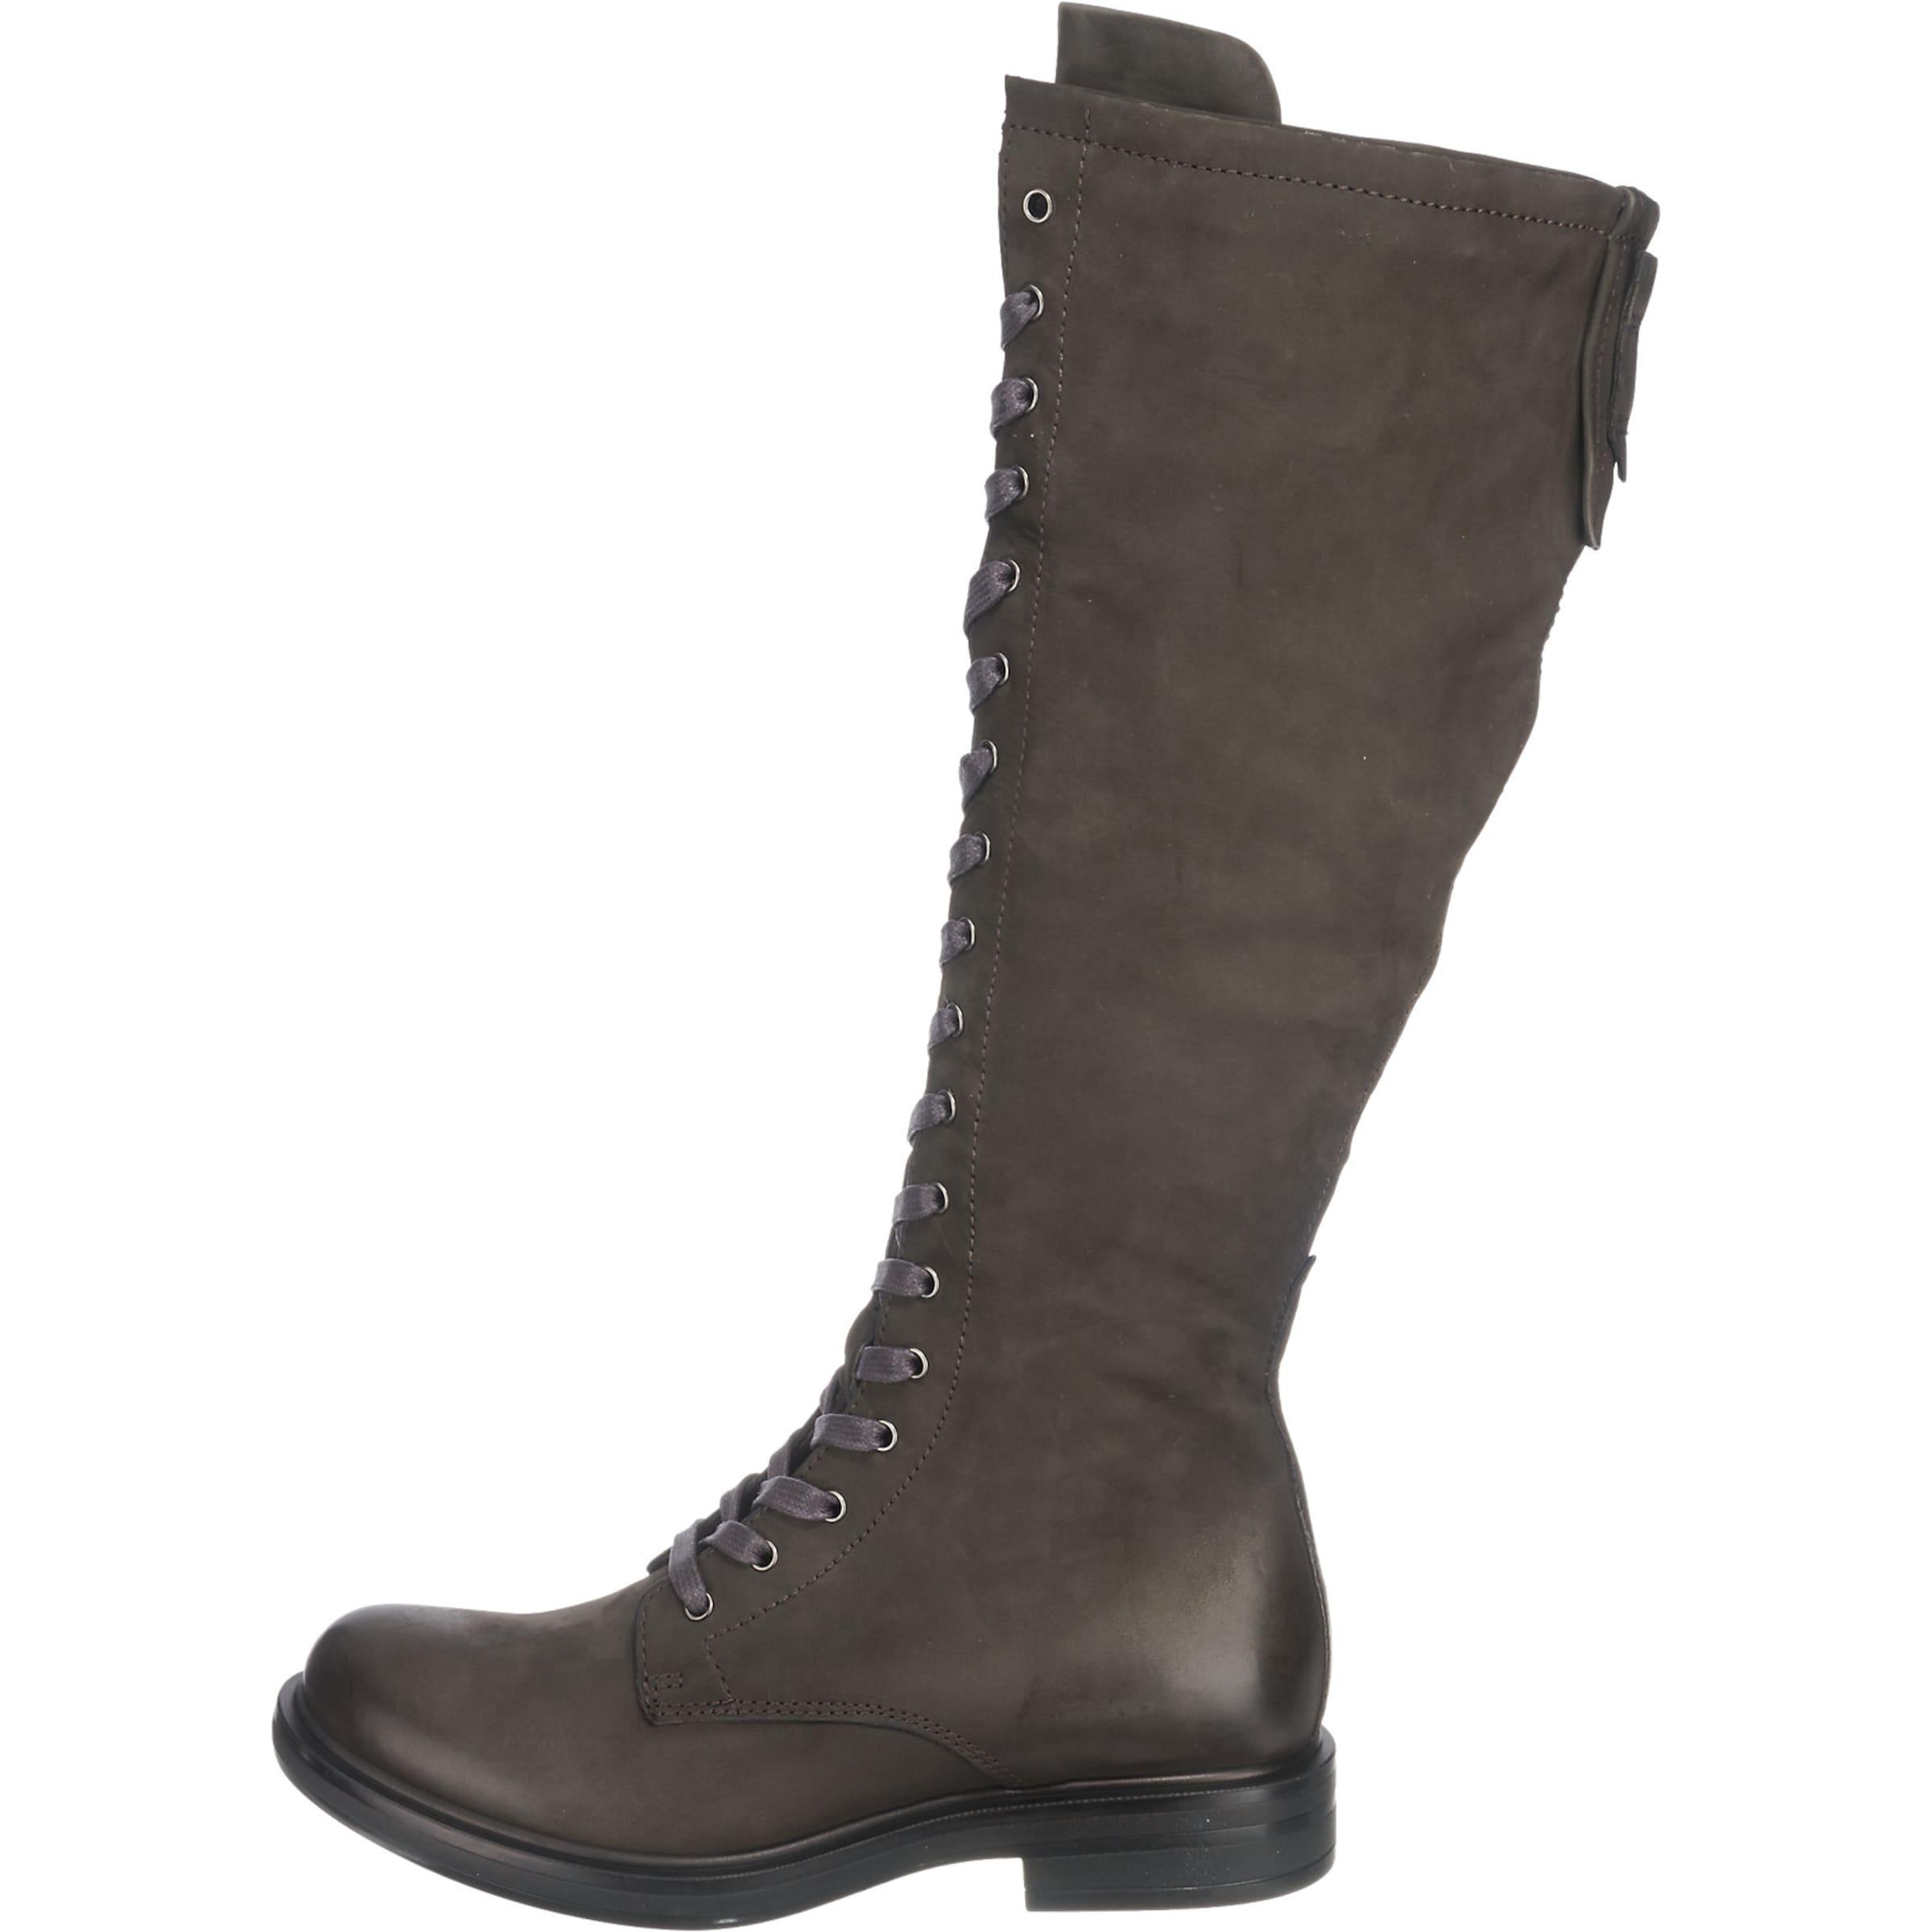 MJUS Stiefel Rabatt Online-Shopping Freies Verschiffen Der Niedrige Preis Rabatt Exklusiv Erstaunlicher Preis Günstiger Preis txyP0NSbwc